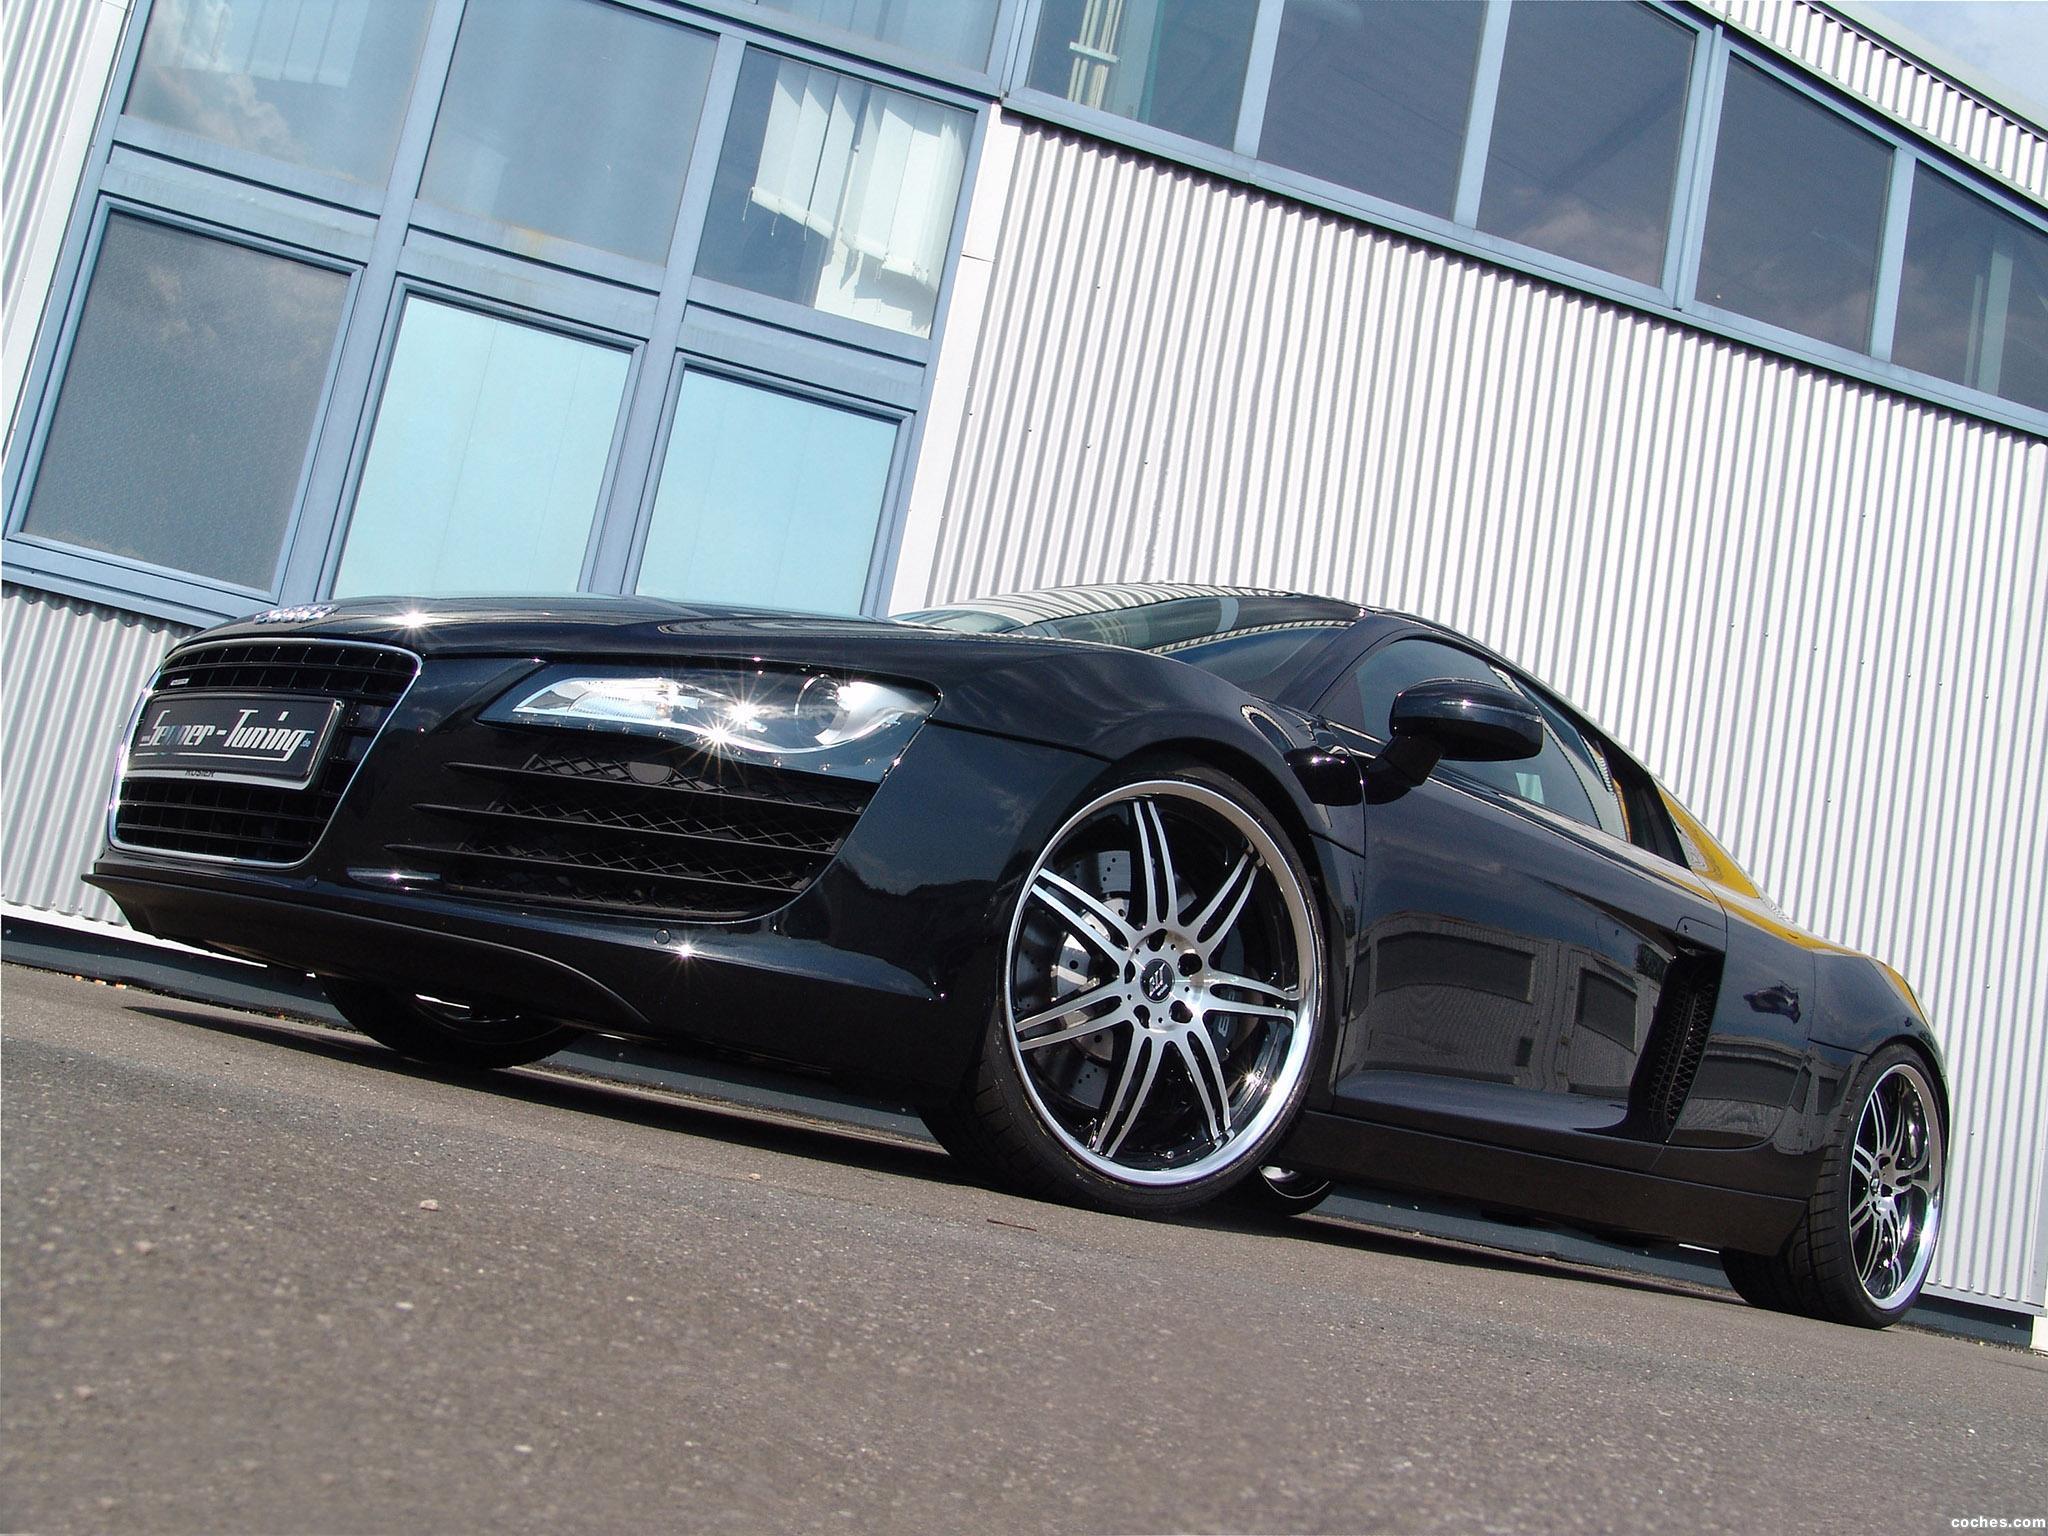 Foto 0 de Audi Senner R8 Super Sport Concept 2009